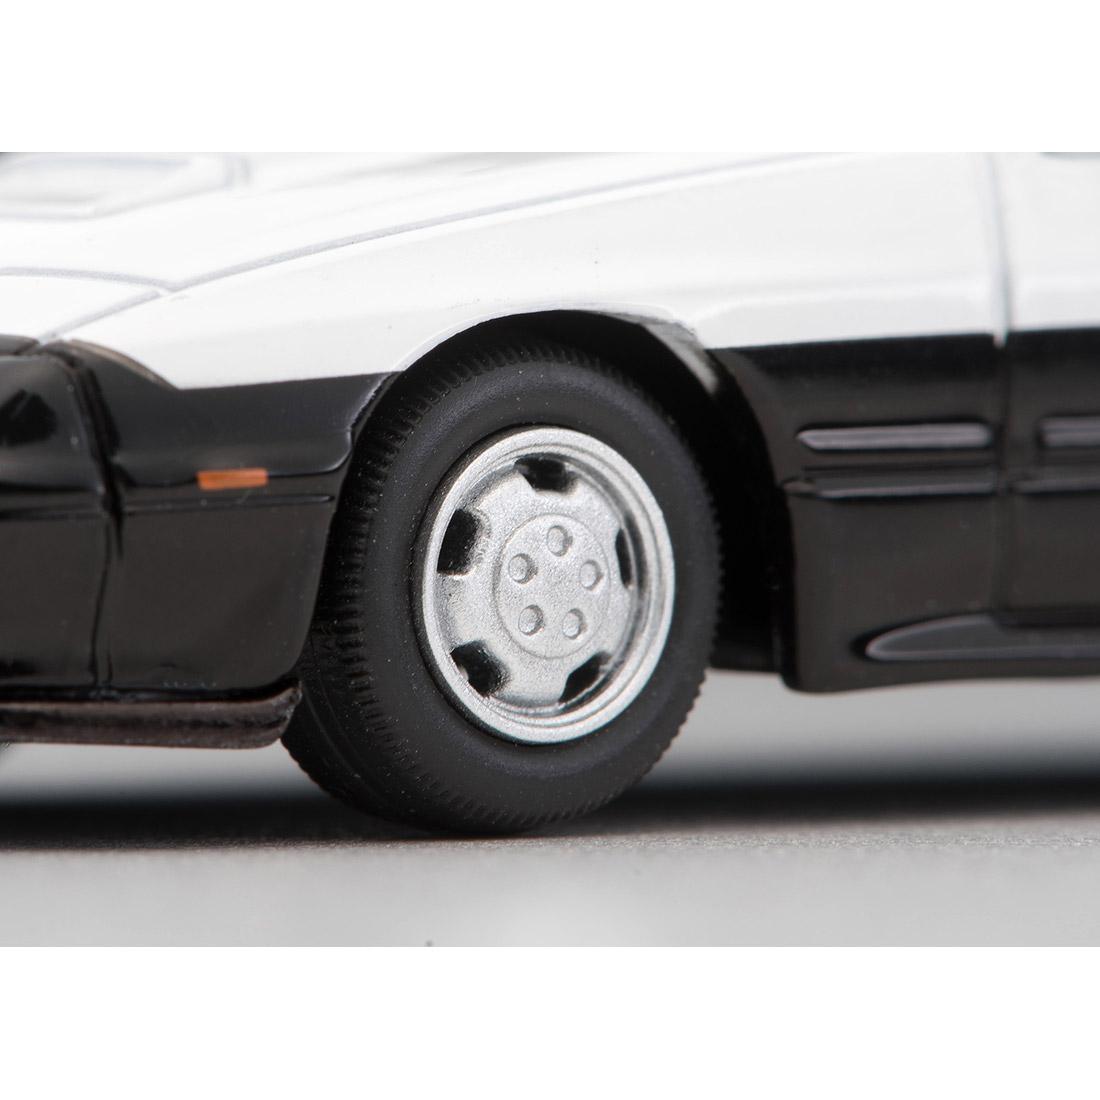 トミカリミテッドヴィンテージ ネオ『LV-N214a マツダ サバンナRX-7 パトカー(警視庁)』ミニカー-007